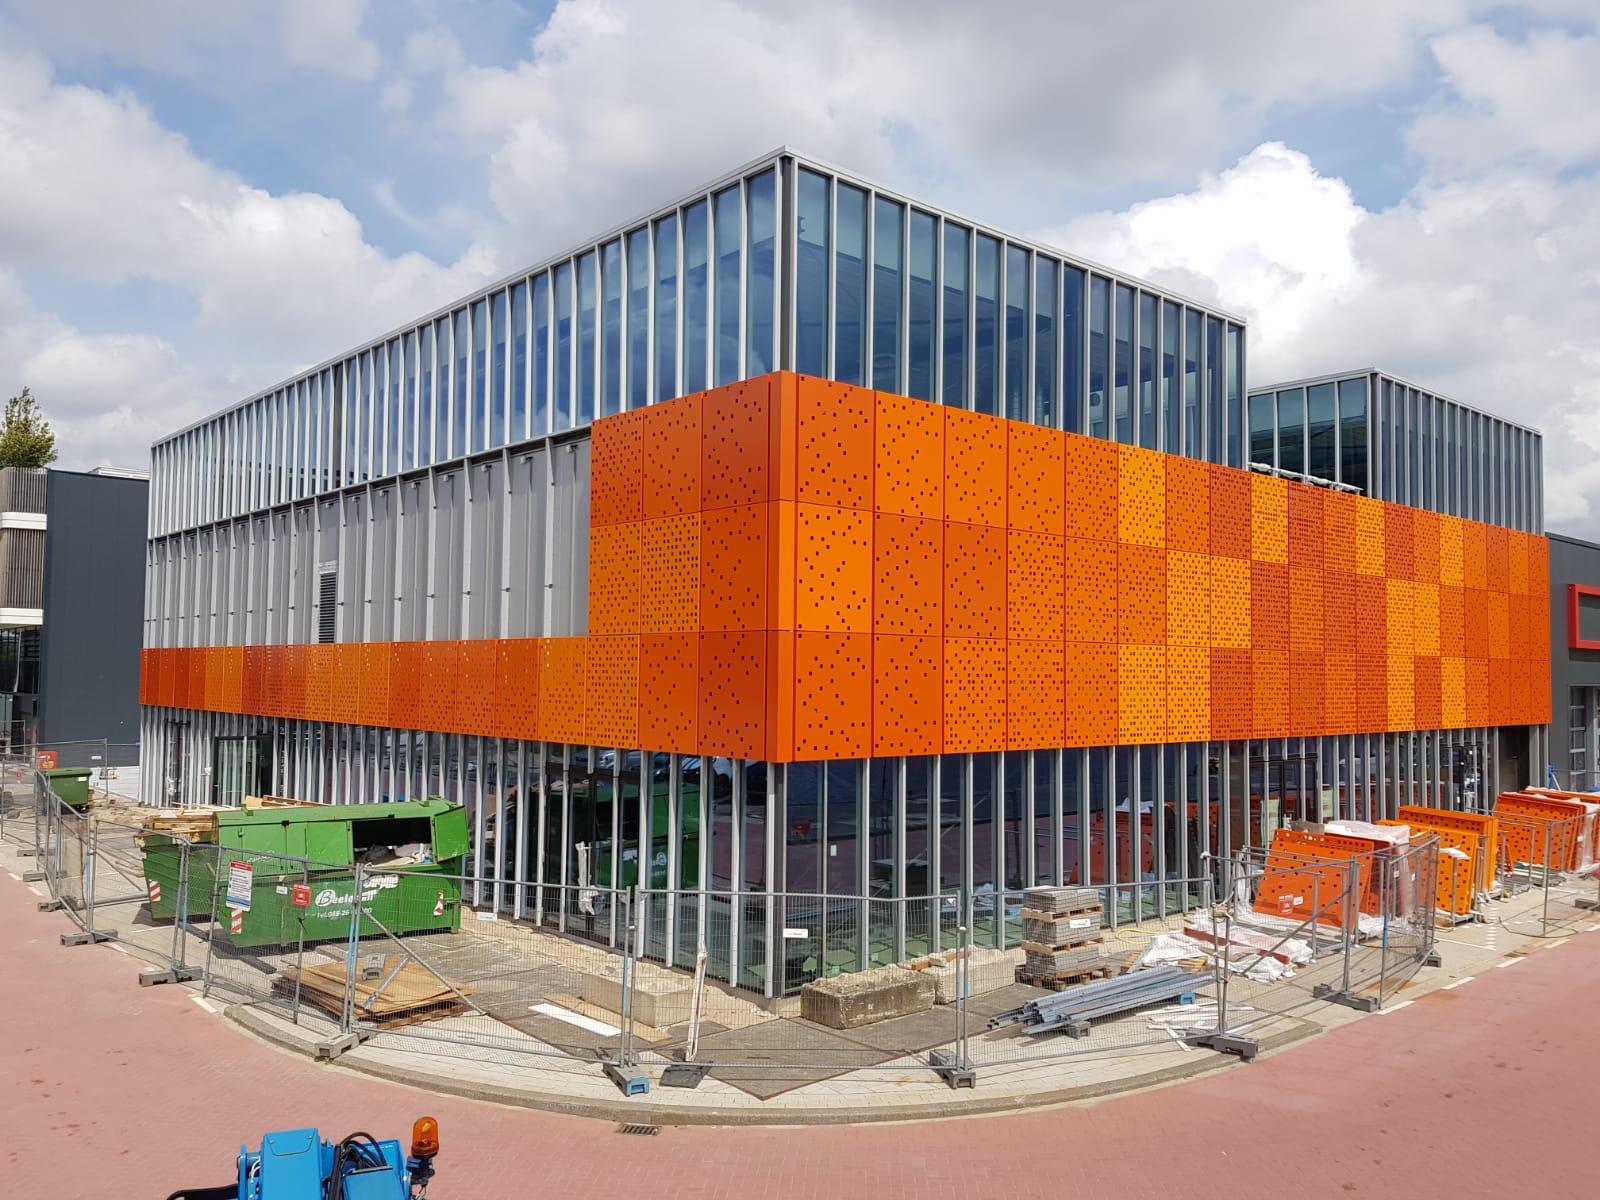 geperforeerde gevelbeplating in orange